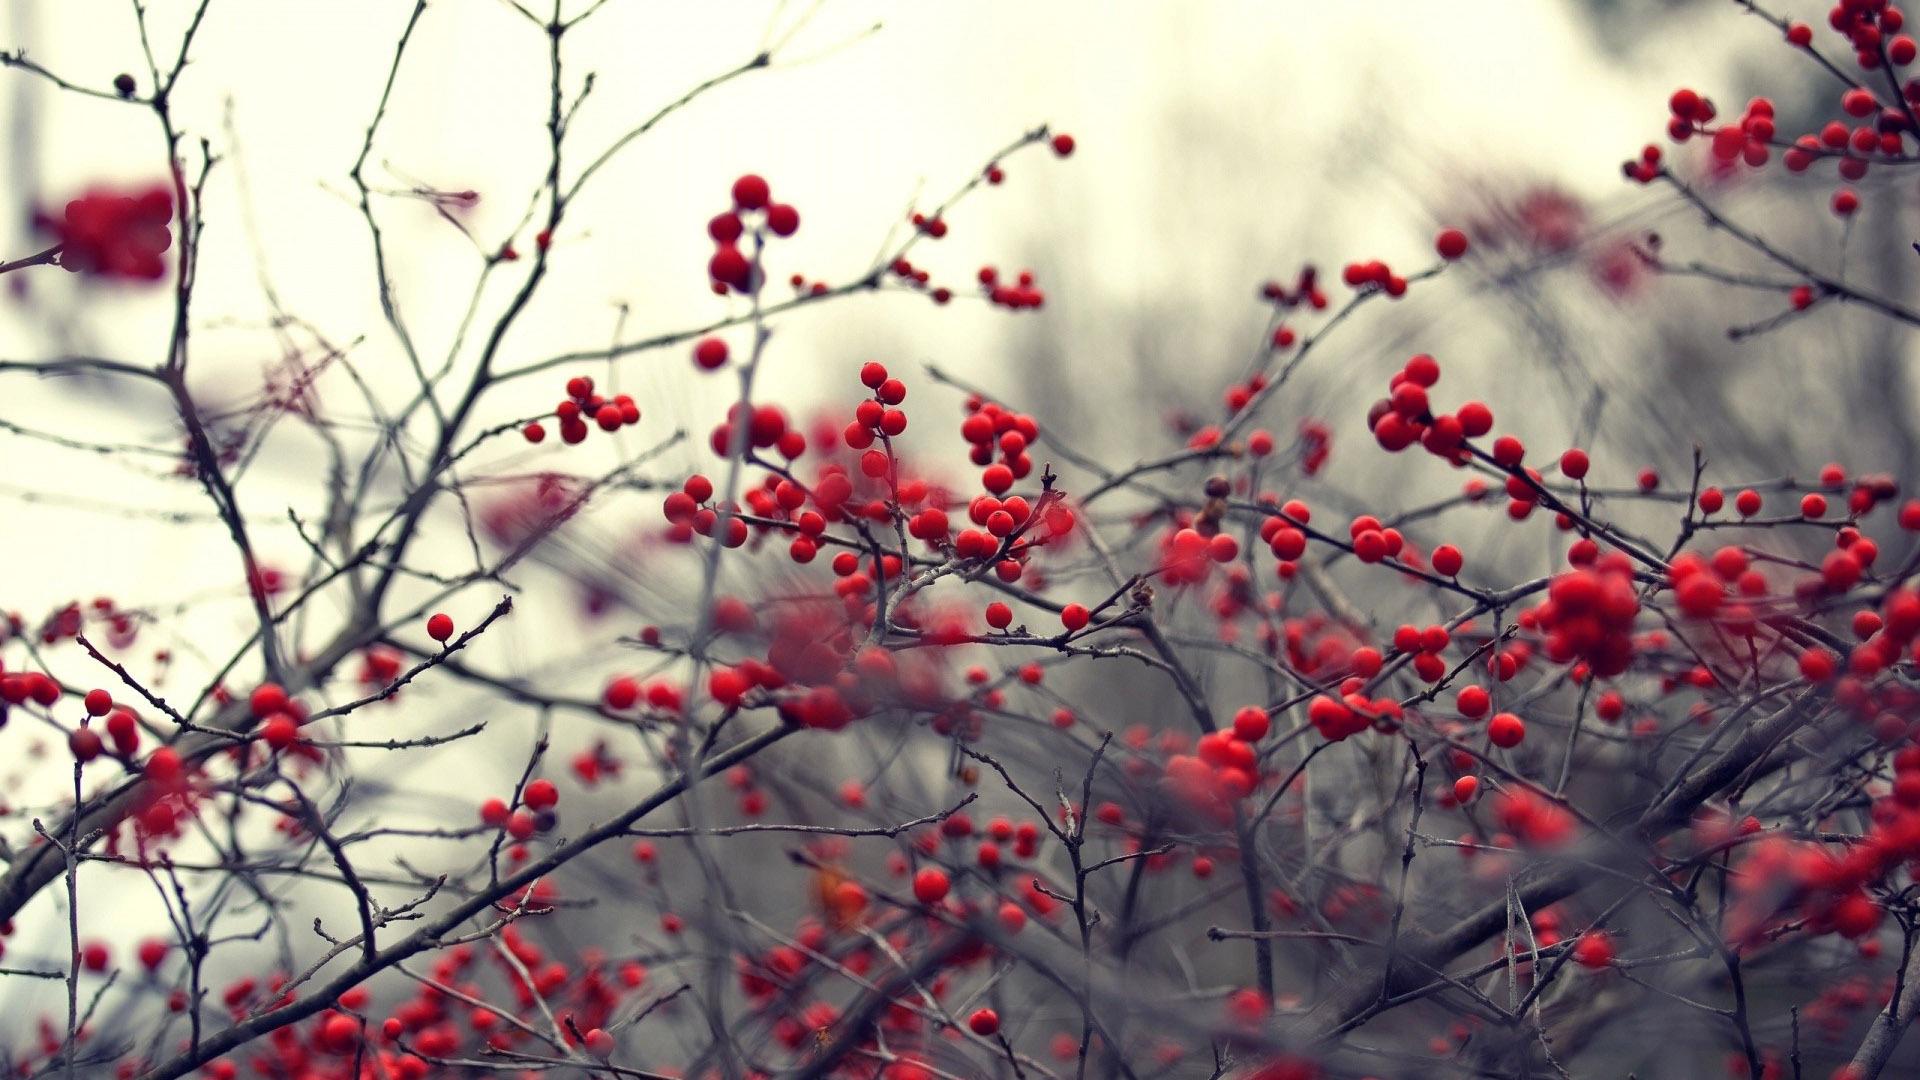 Free download Frozen Red Berries Winter